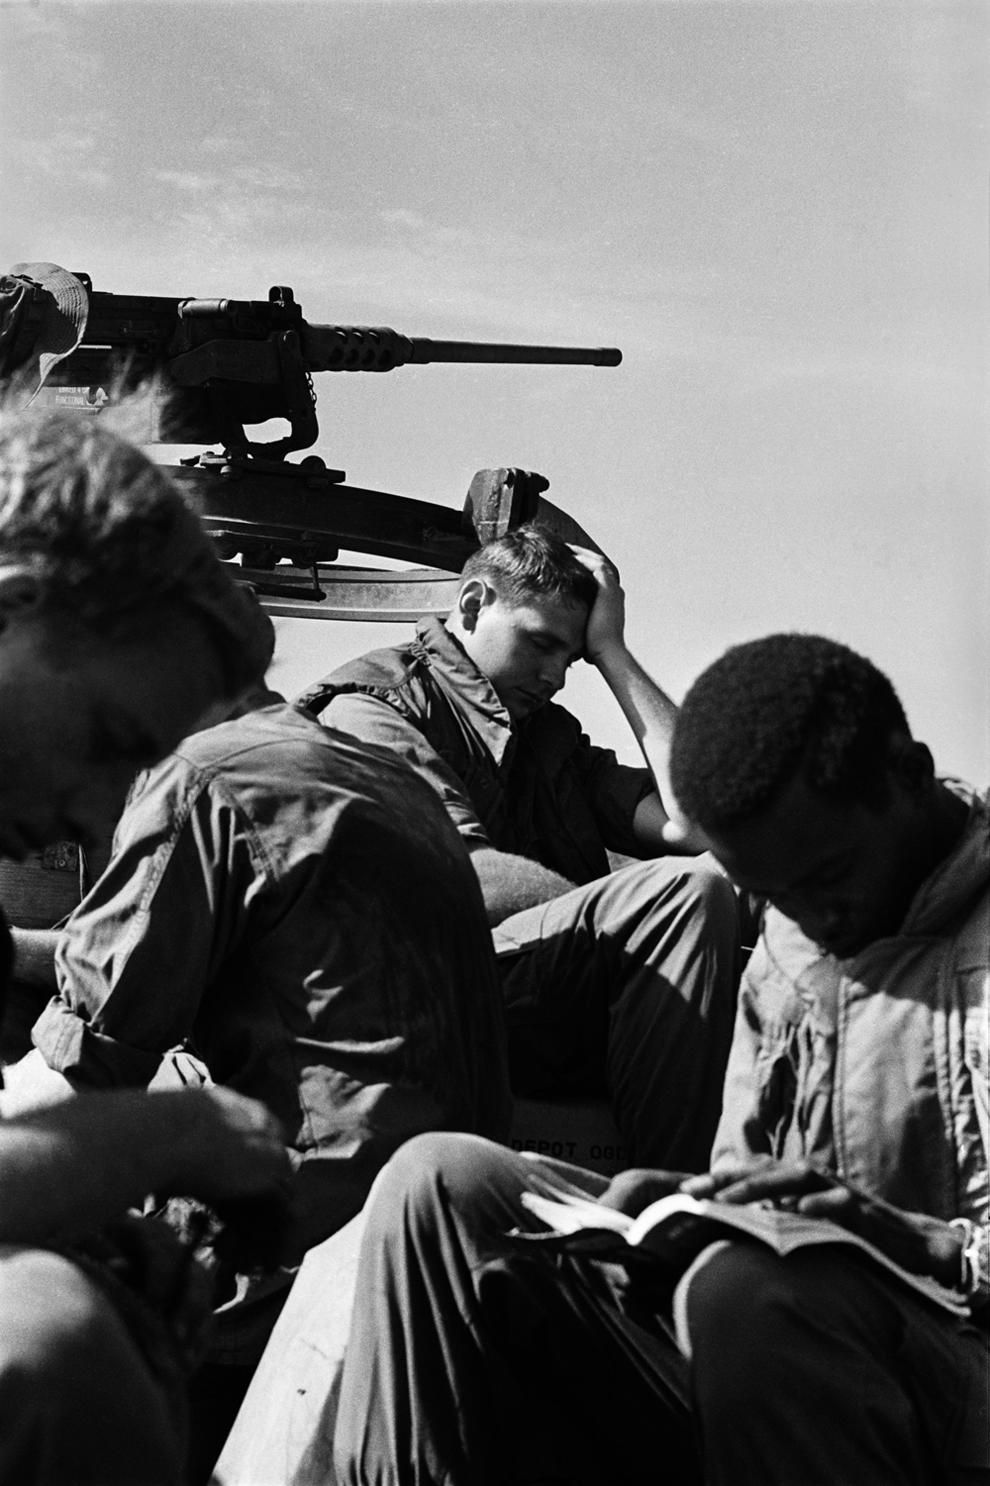 bp2 - Hình ảnh hiếm gây chấn động về cuộc chiến ở Việt Nam